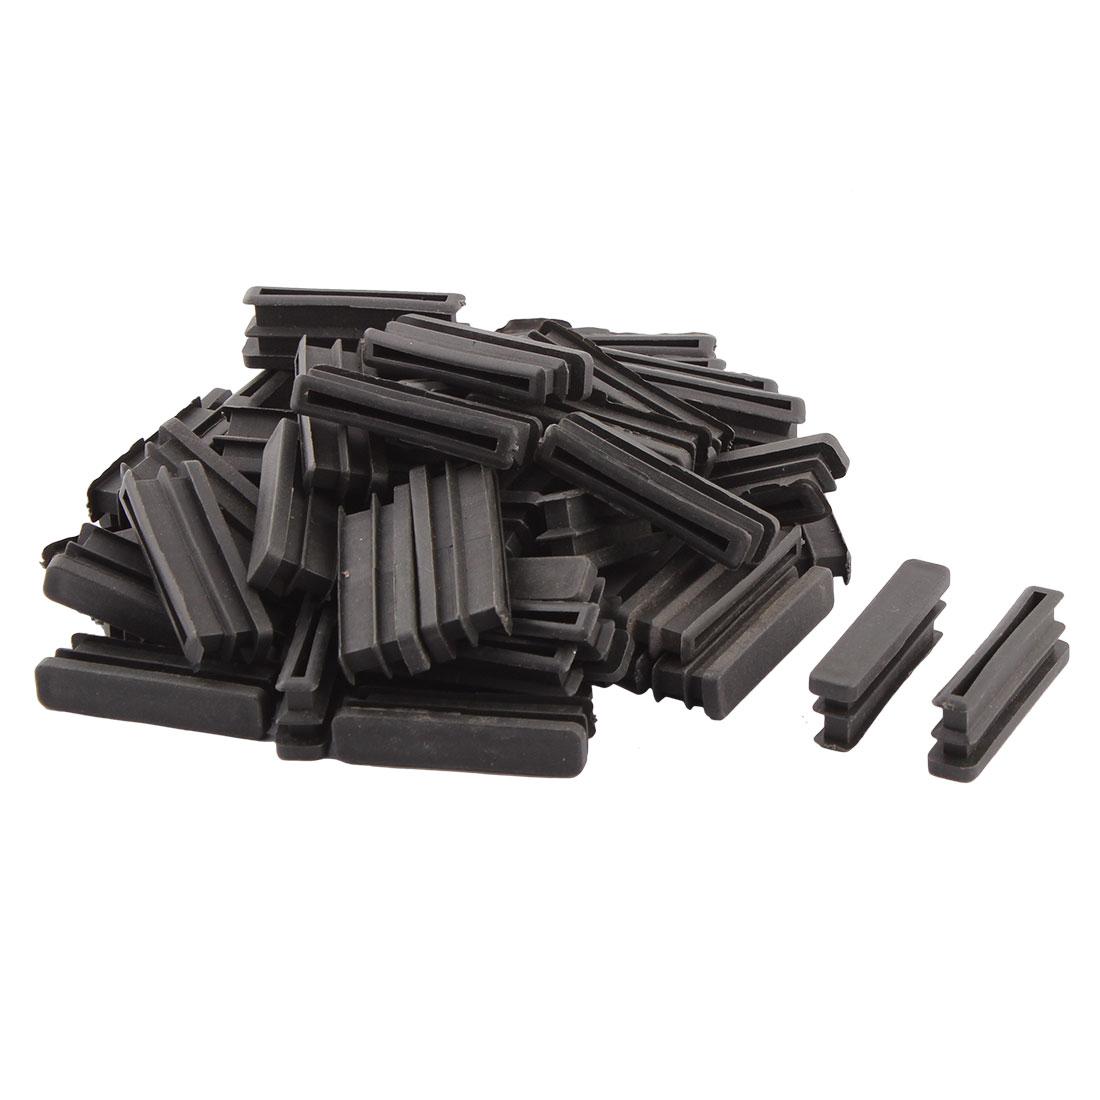 Household Plastic Rectangular Shaped Table Chair Leg Feet Tube Pipe Insert Black 50 x 10mm 50 PCS